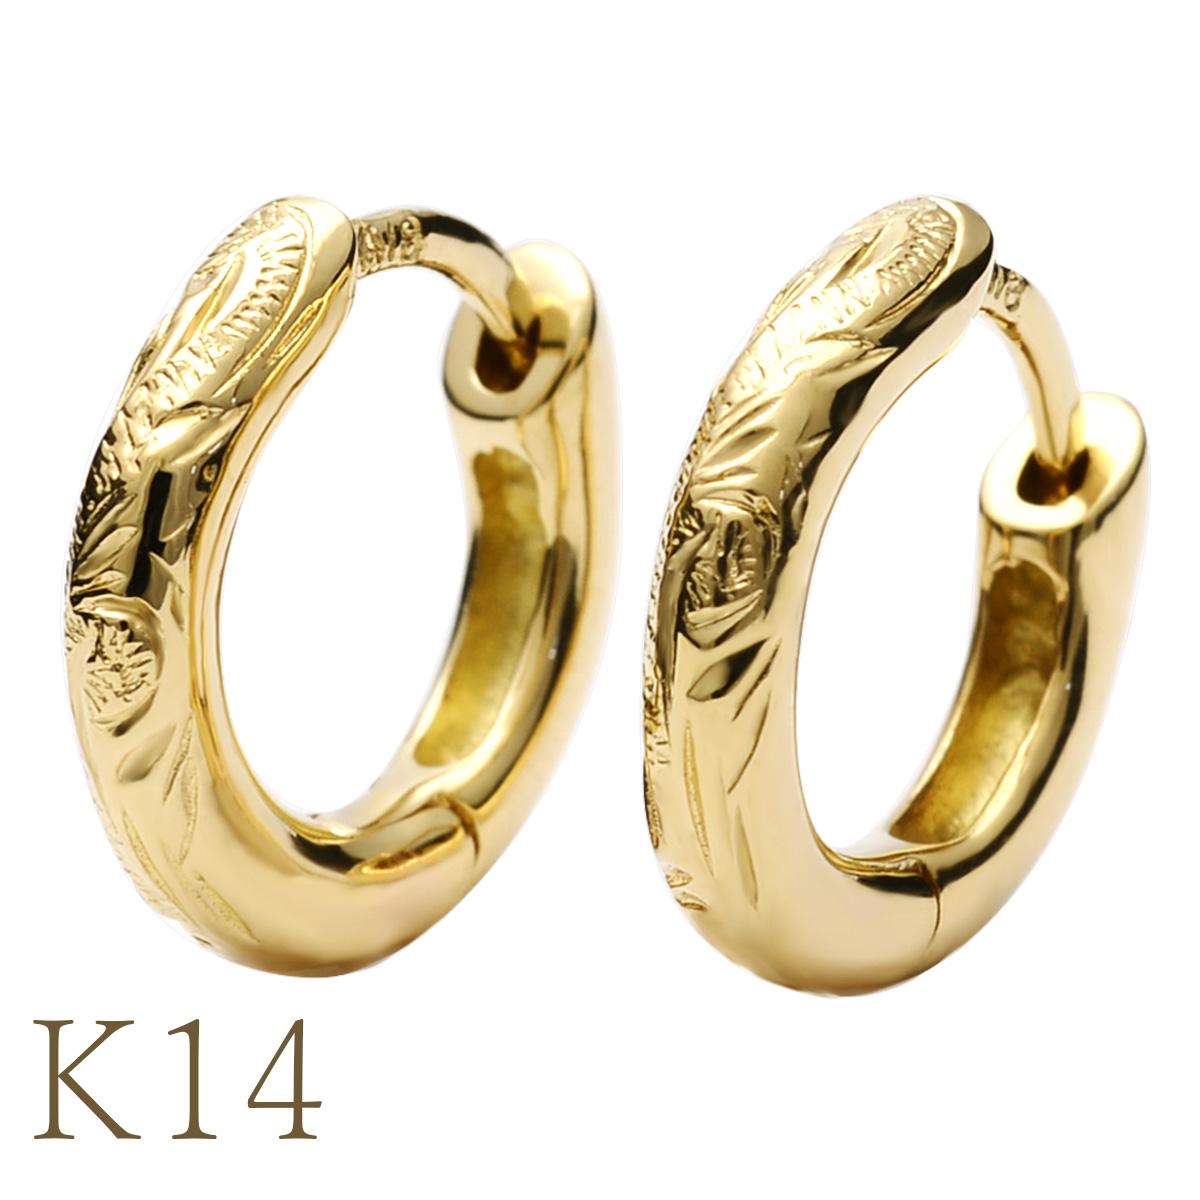 ハワイアンジュエリー ホワイトゴールド ピアス 14金 ピアス ピアス K14 リッチスクロールミニ・フープピアス ゴールドピアス (K14ホワイトゴールド 14金 ) aer54101gape